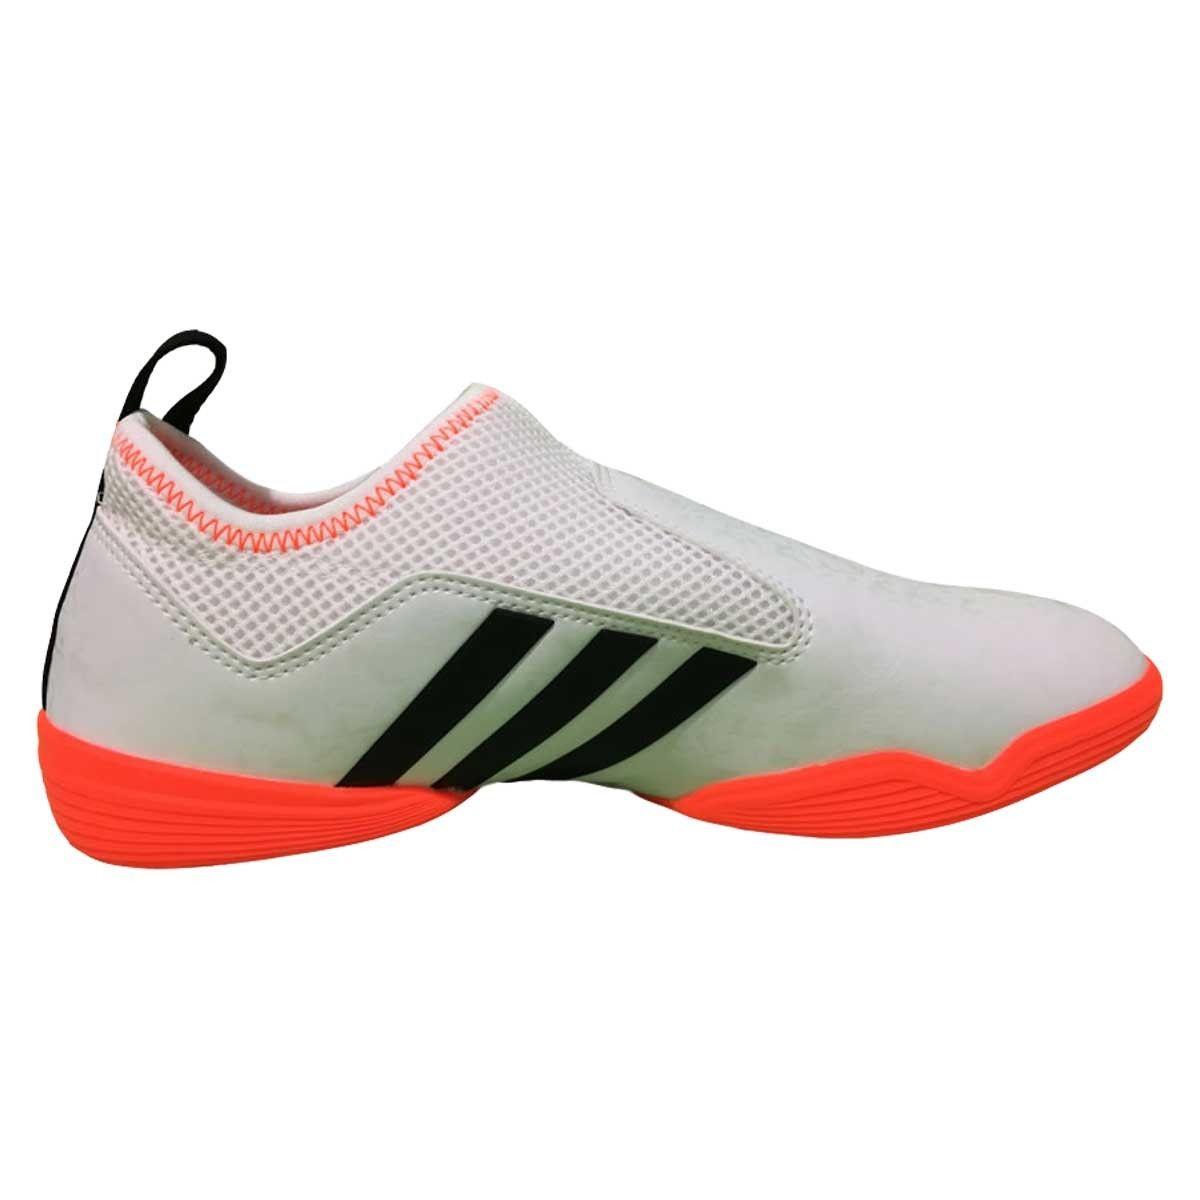 Adidas - Scarpetta Adibra Contestant